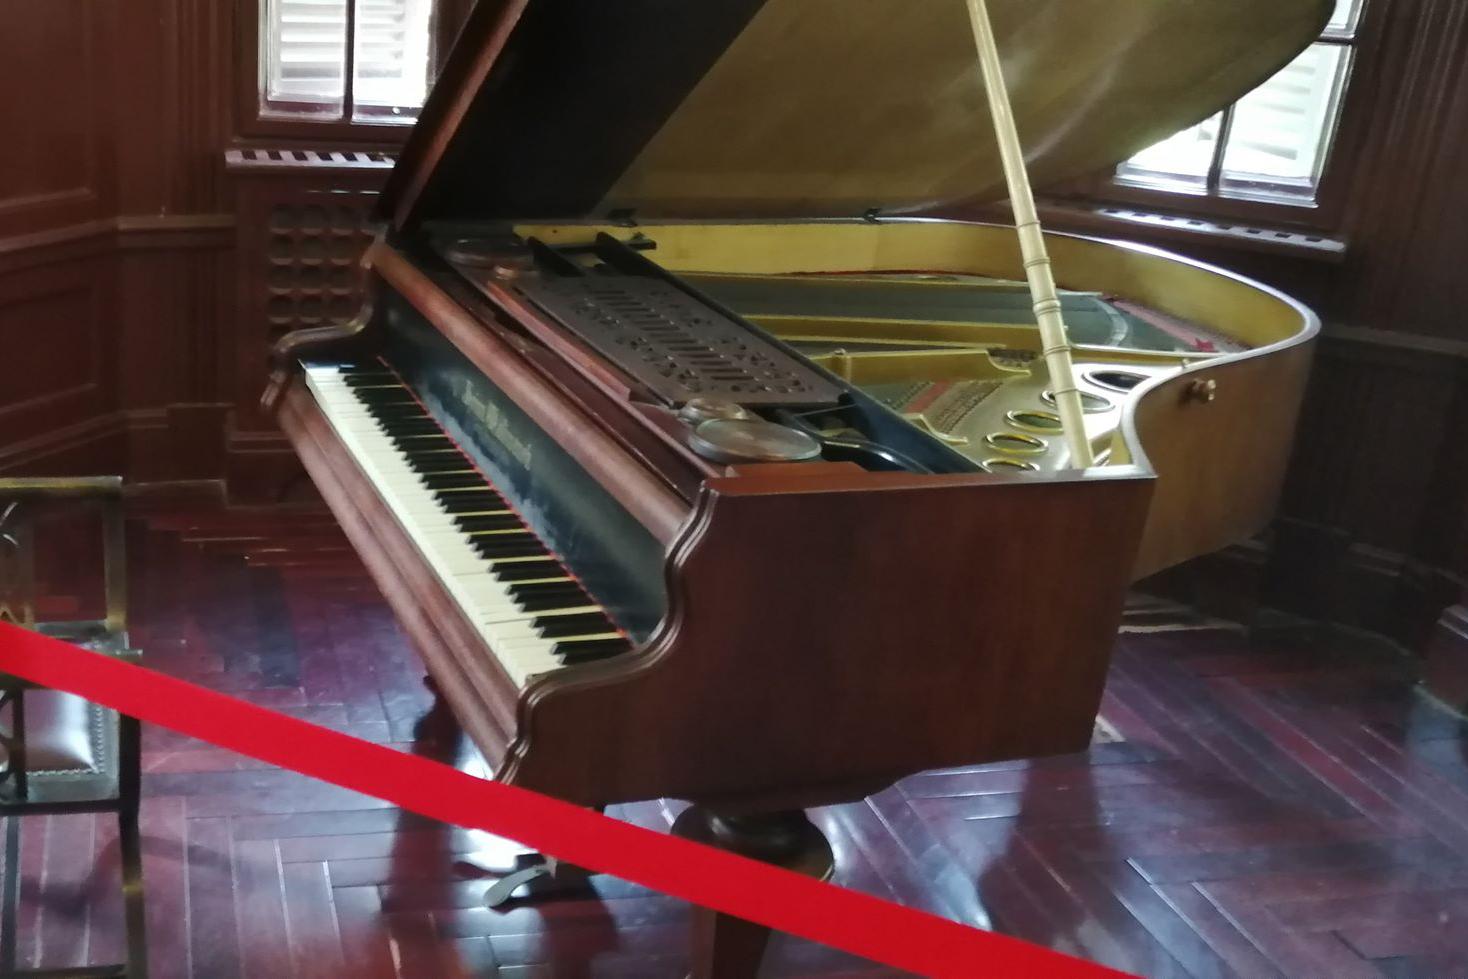 Jüan zongorája, természetesen csak díszként használta (Fotó: Rimányi Áron - Falanszter.blog)